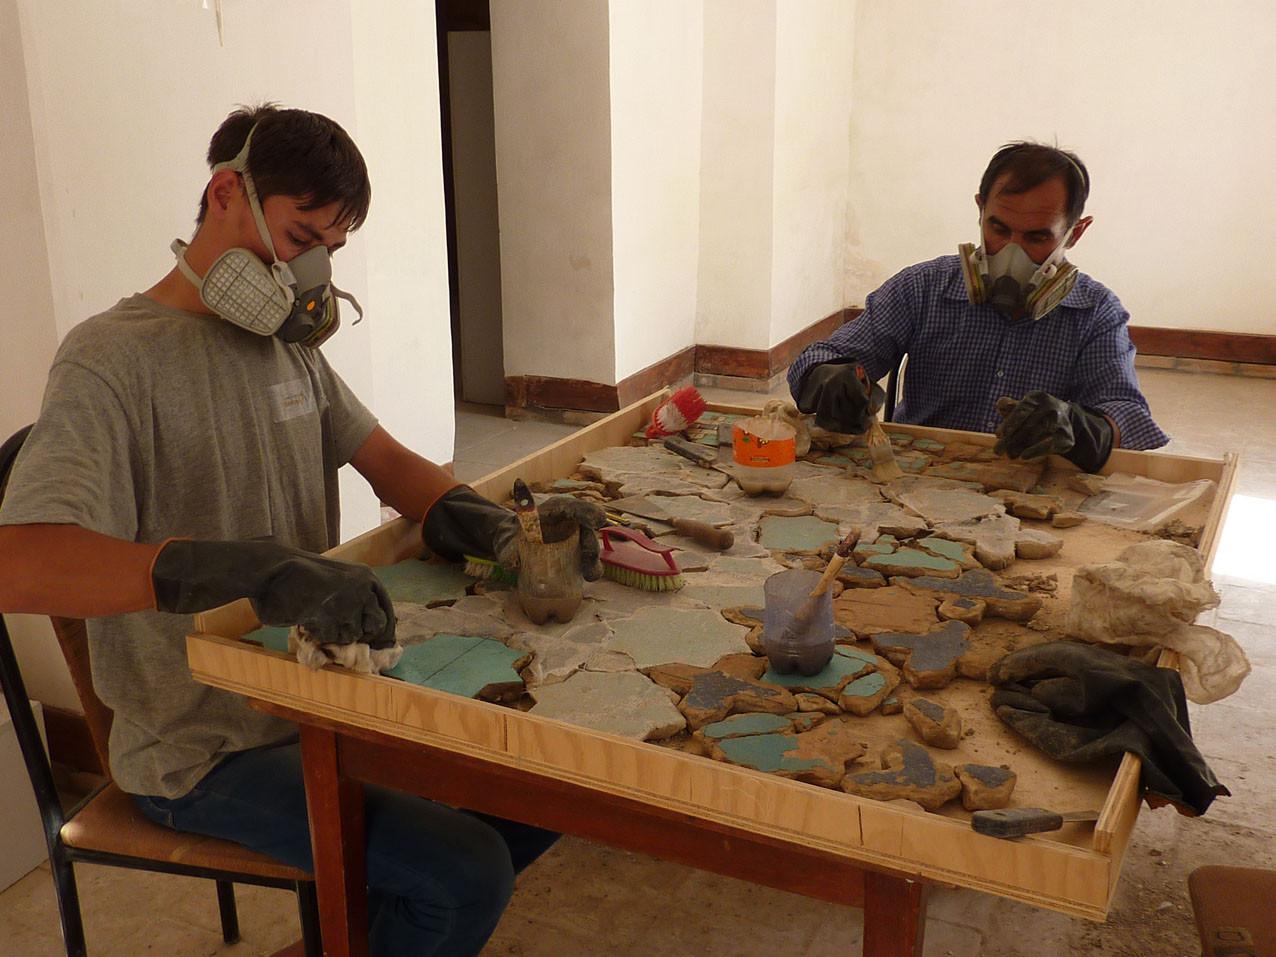 Désentoilage avec port du masque et de gants (évaporation d'acétone) (Socra, 2012)